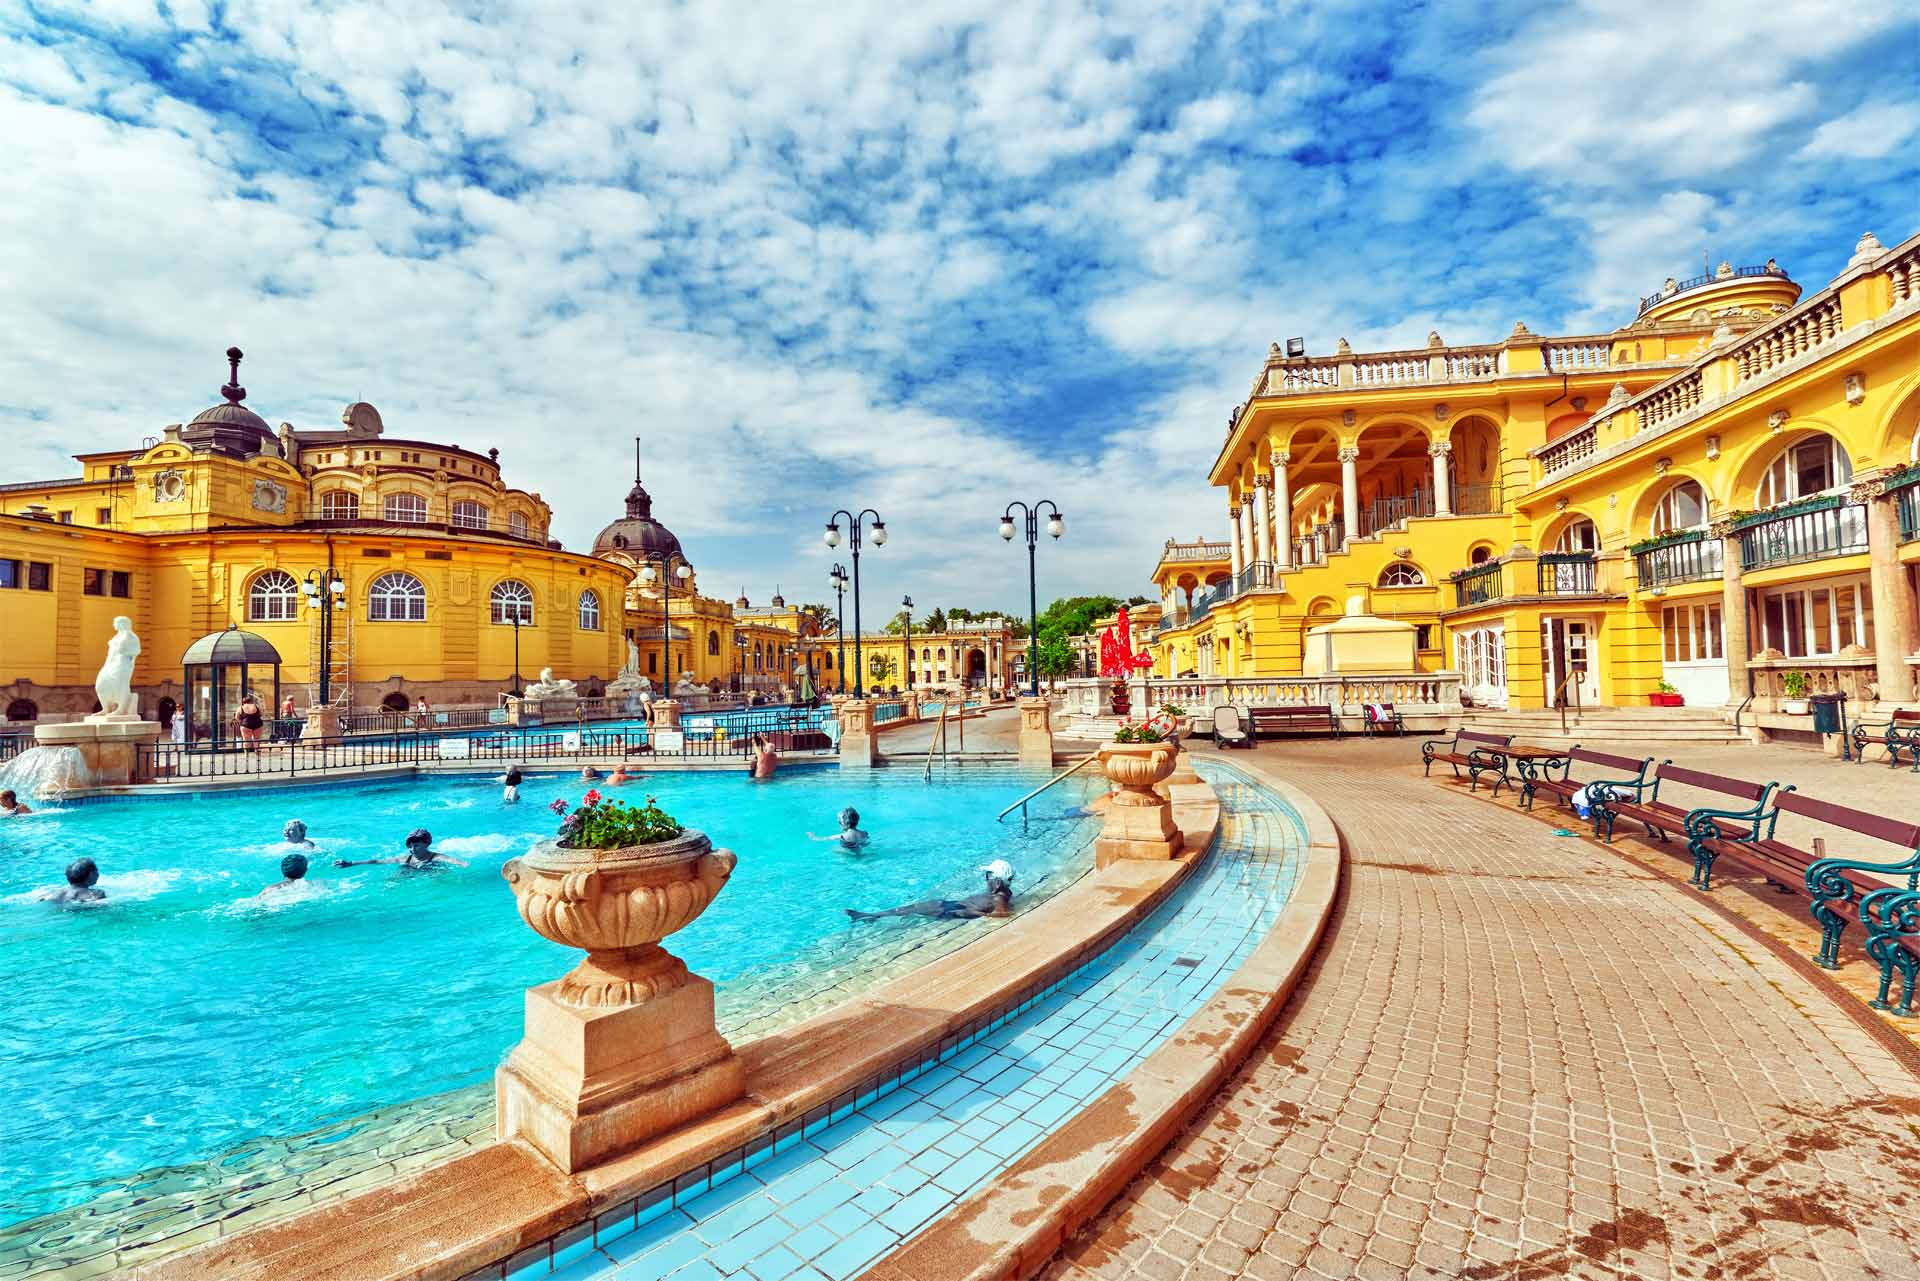 布達佩斯城市公園內的塞切尼溫泉浴場人氣最旺,鵝黃色的宮廷建築內包括各式溫泉池、桑拿池等,洋溢奧圖曼風情。